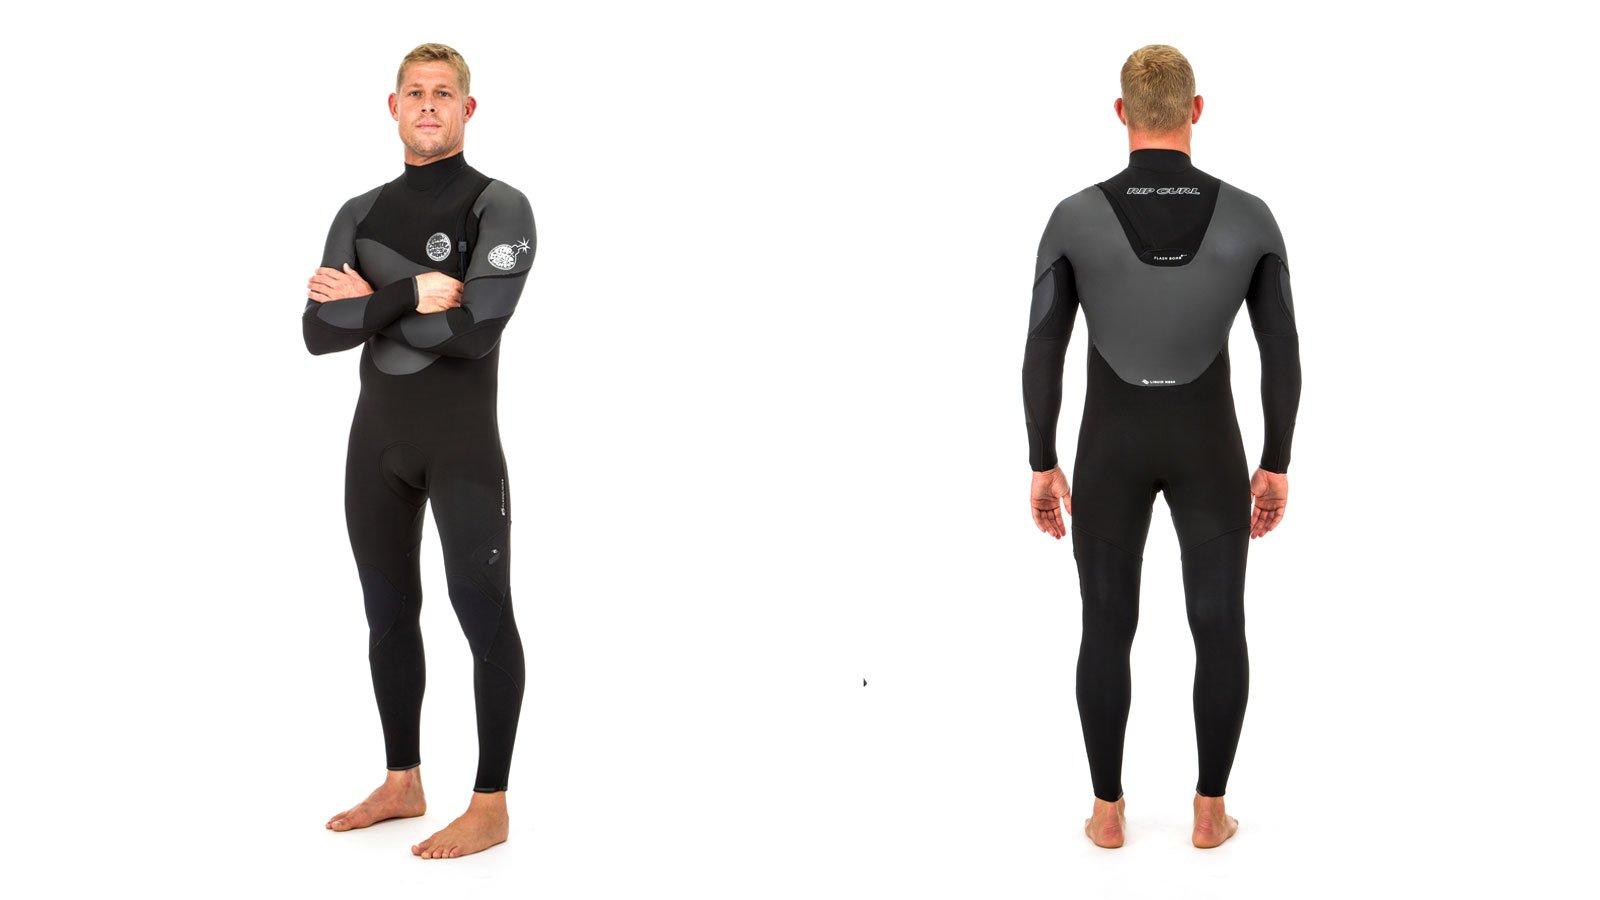 Ripcurl-Mens-Wetsuit-FW-1920